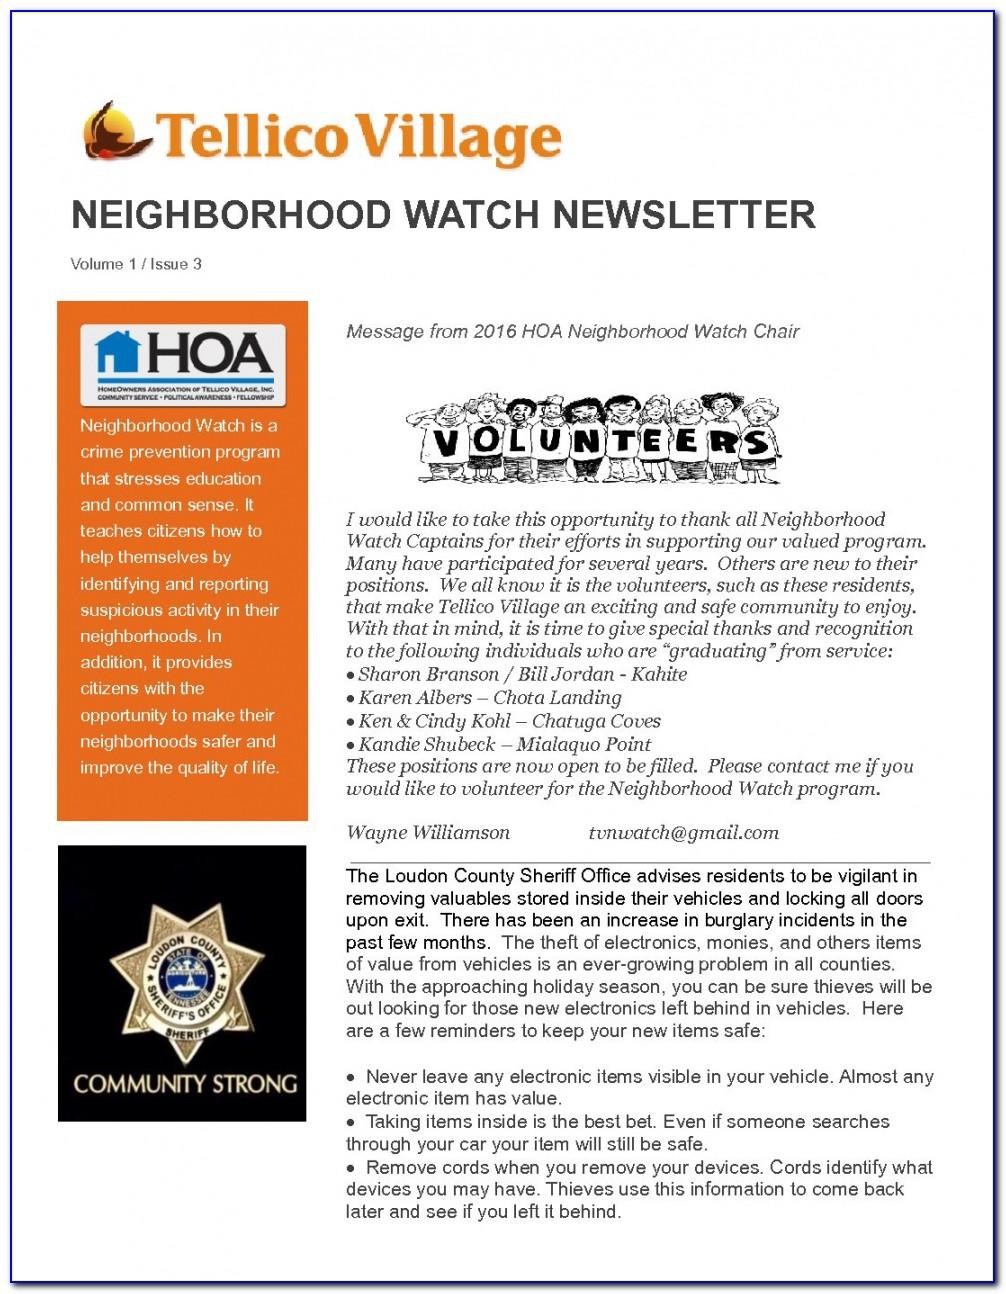 Neighbourhood Watch Newsletter Template